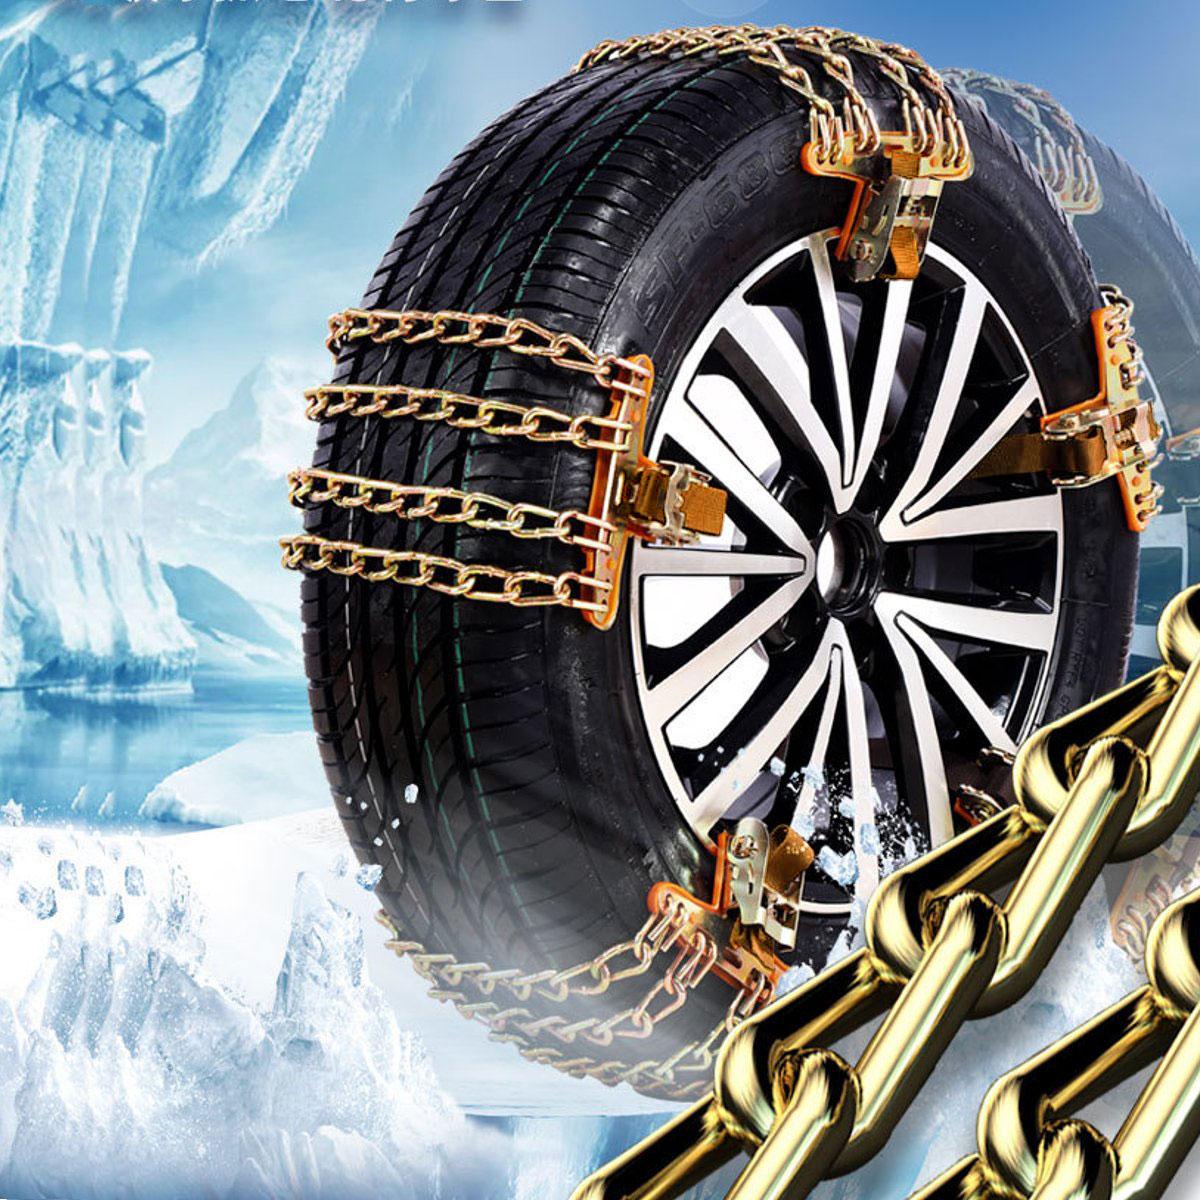 Correntes equilíbrio design caminhão carro rodas pneu neve gelo correntes cinto inverno anti-skid suv roda corrente lama estrada segurança segura